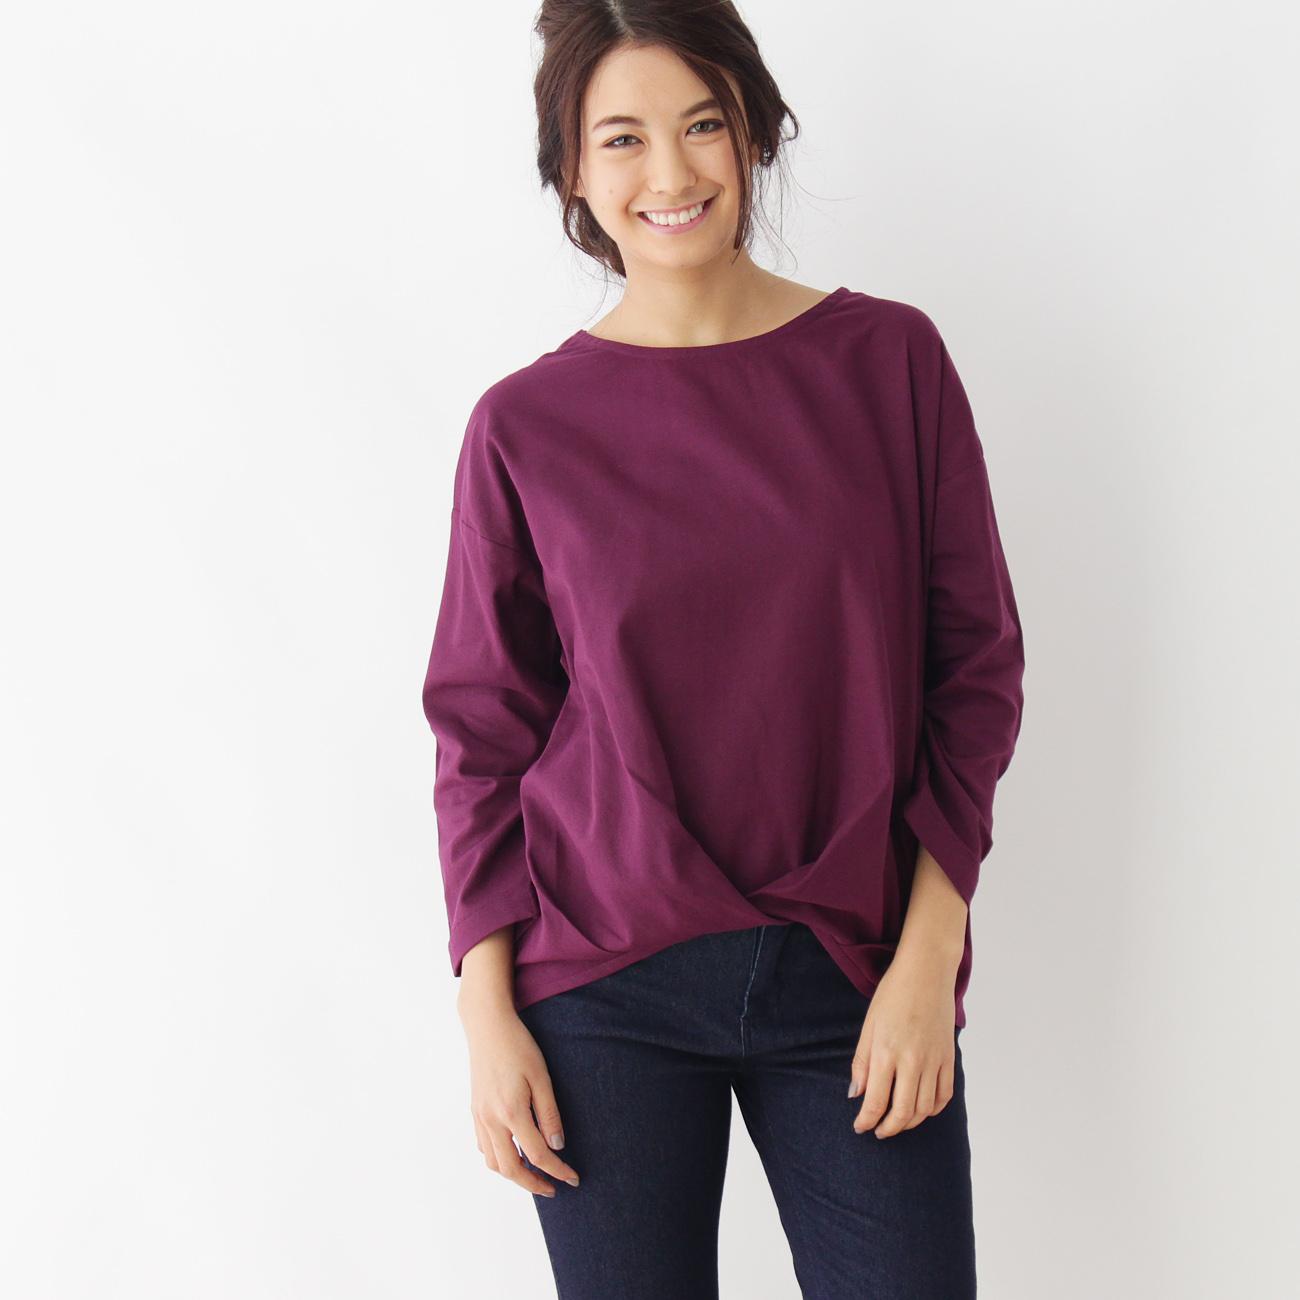 【pink adobe (ピンクアドベ)】前身布帛タックプルオーバーレディース トップス カットソー・Tシャツ ラズベリーピンク